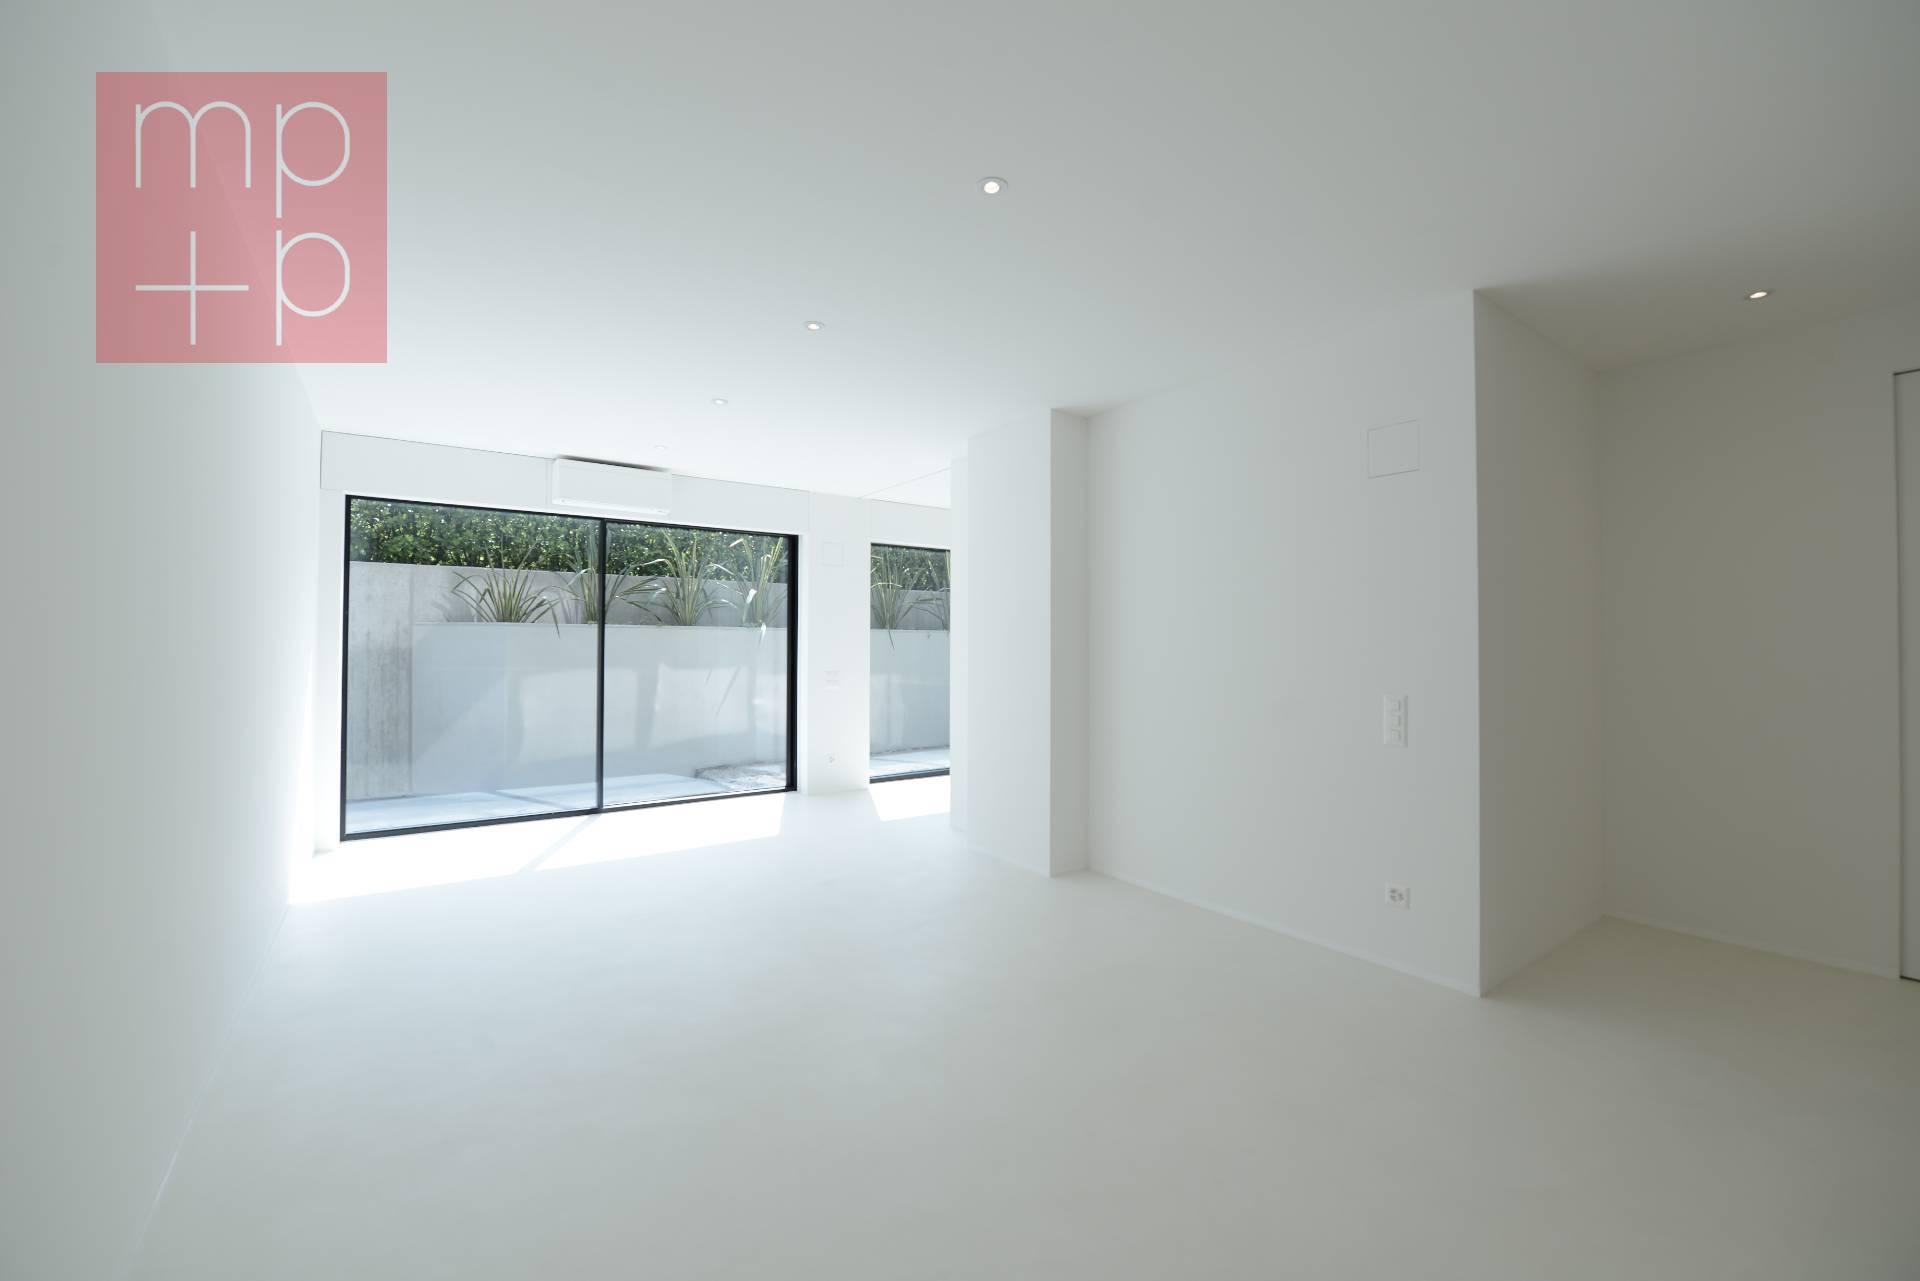 Affitto: nuovissimo appartamento in zona centralissima